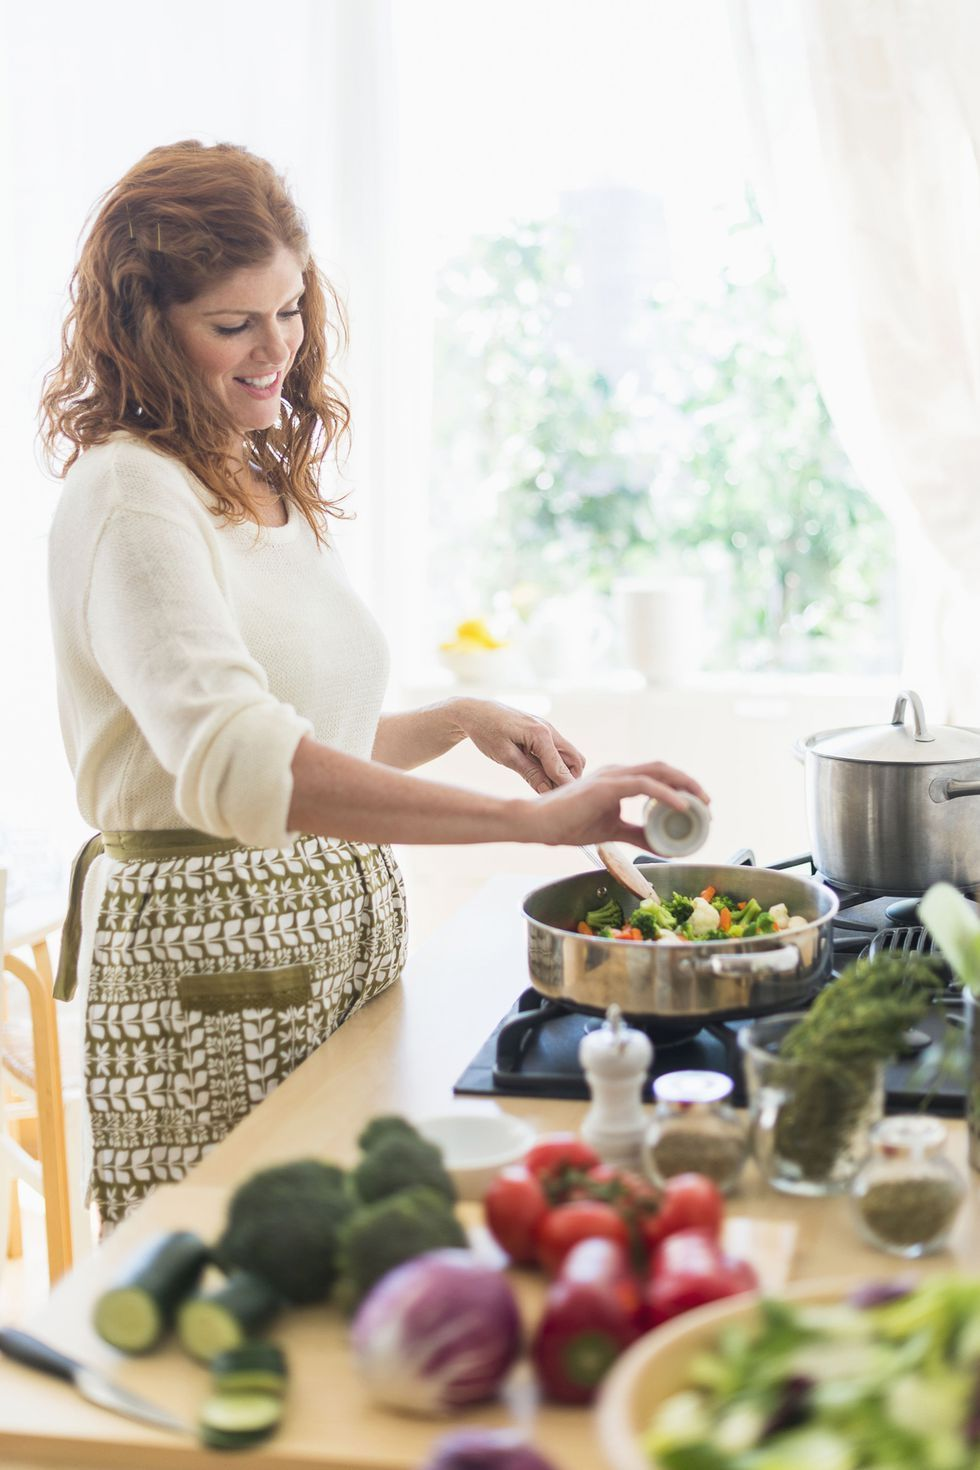 11 bí quyết giữ dáng của những người không bao giờ ăn kiêng - Ảnh 9